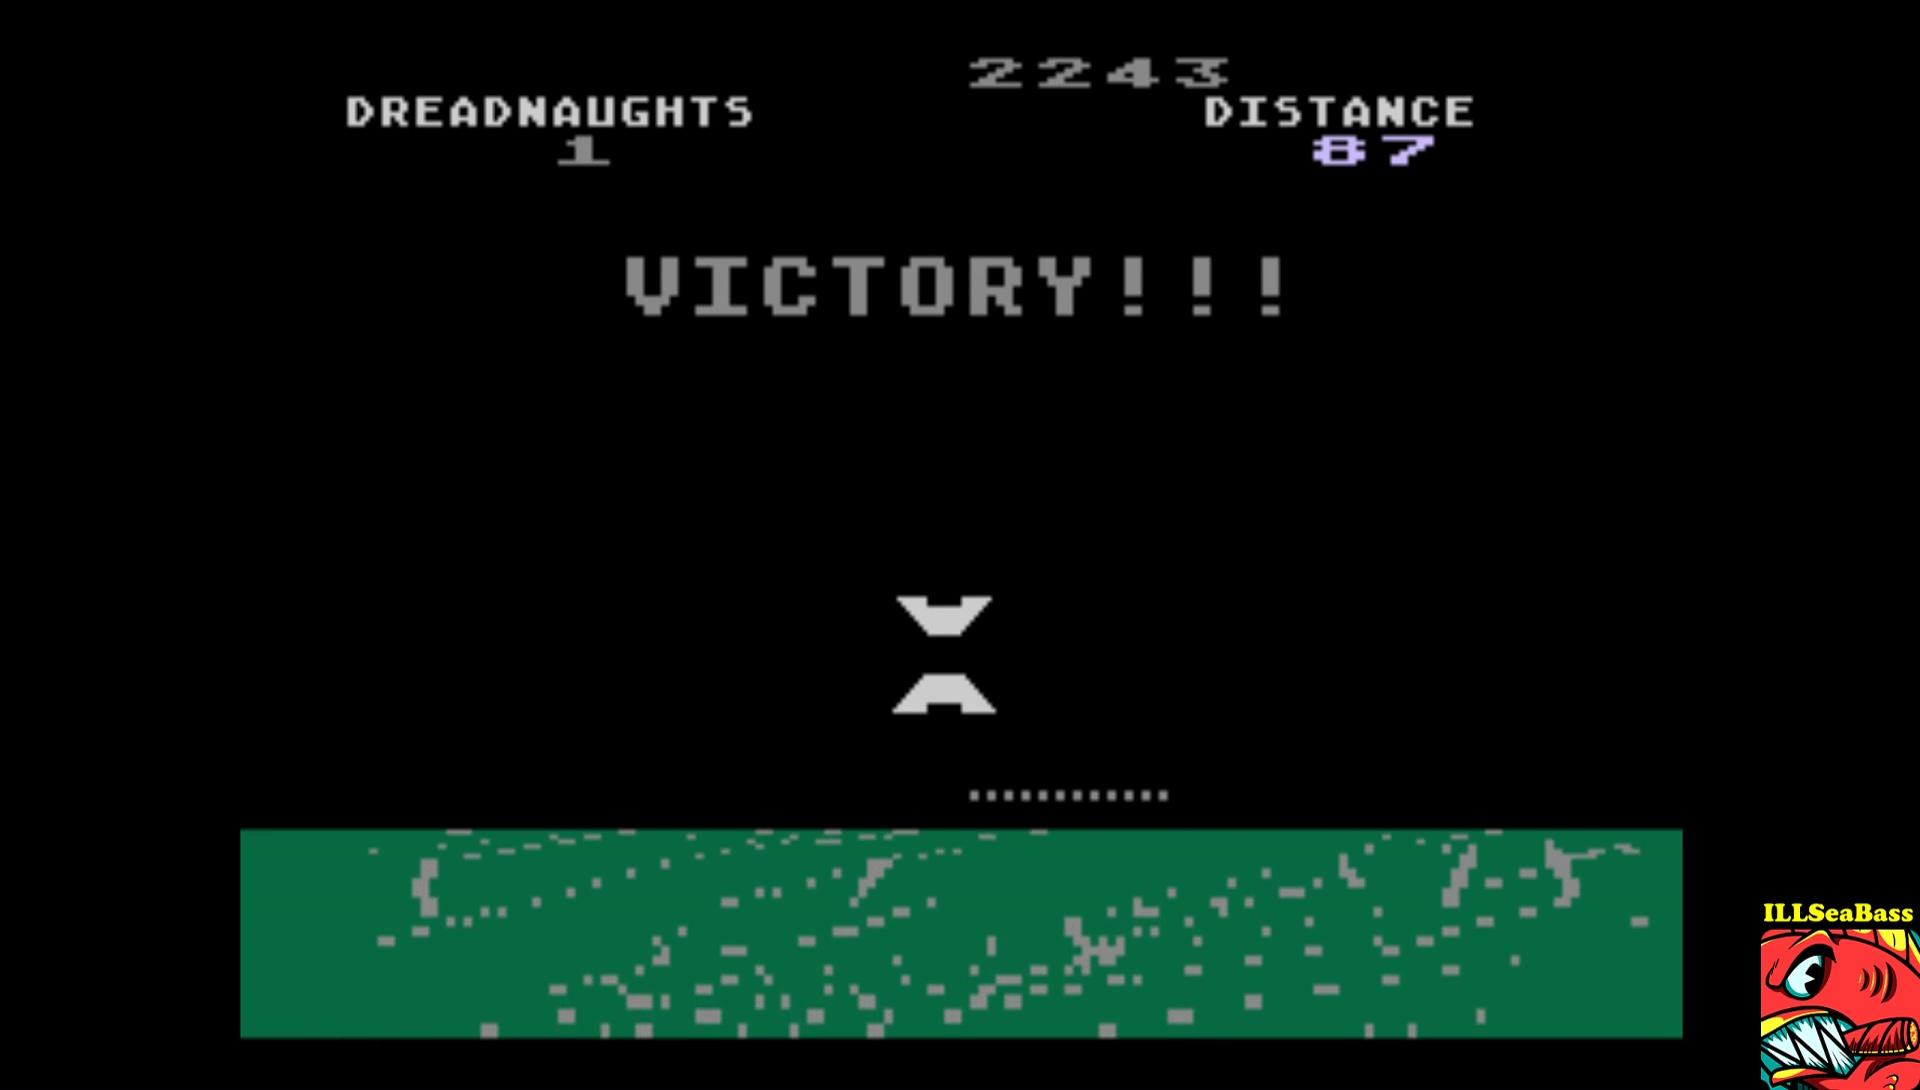 ILLSeaBass: The Dreadnaught Factor (Atari 5200 Emulated) 2,243 points on 2017-02-21 21:12:31